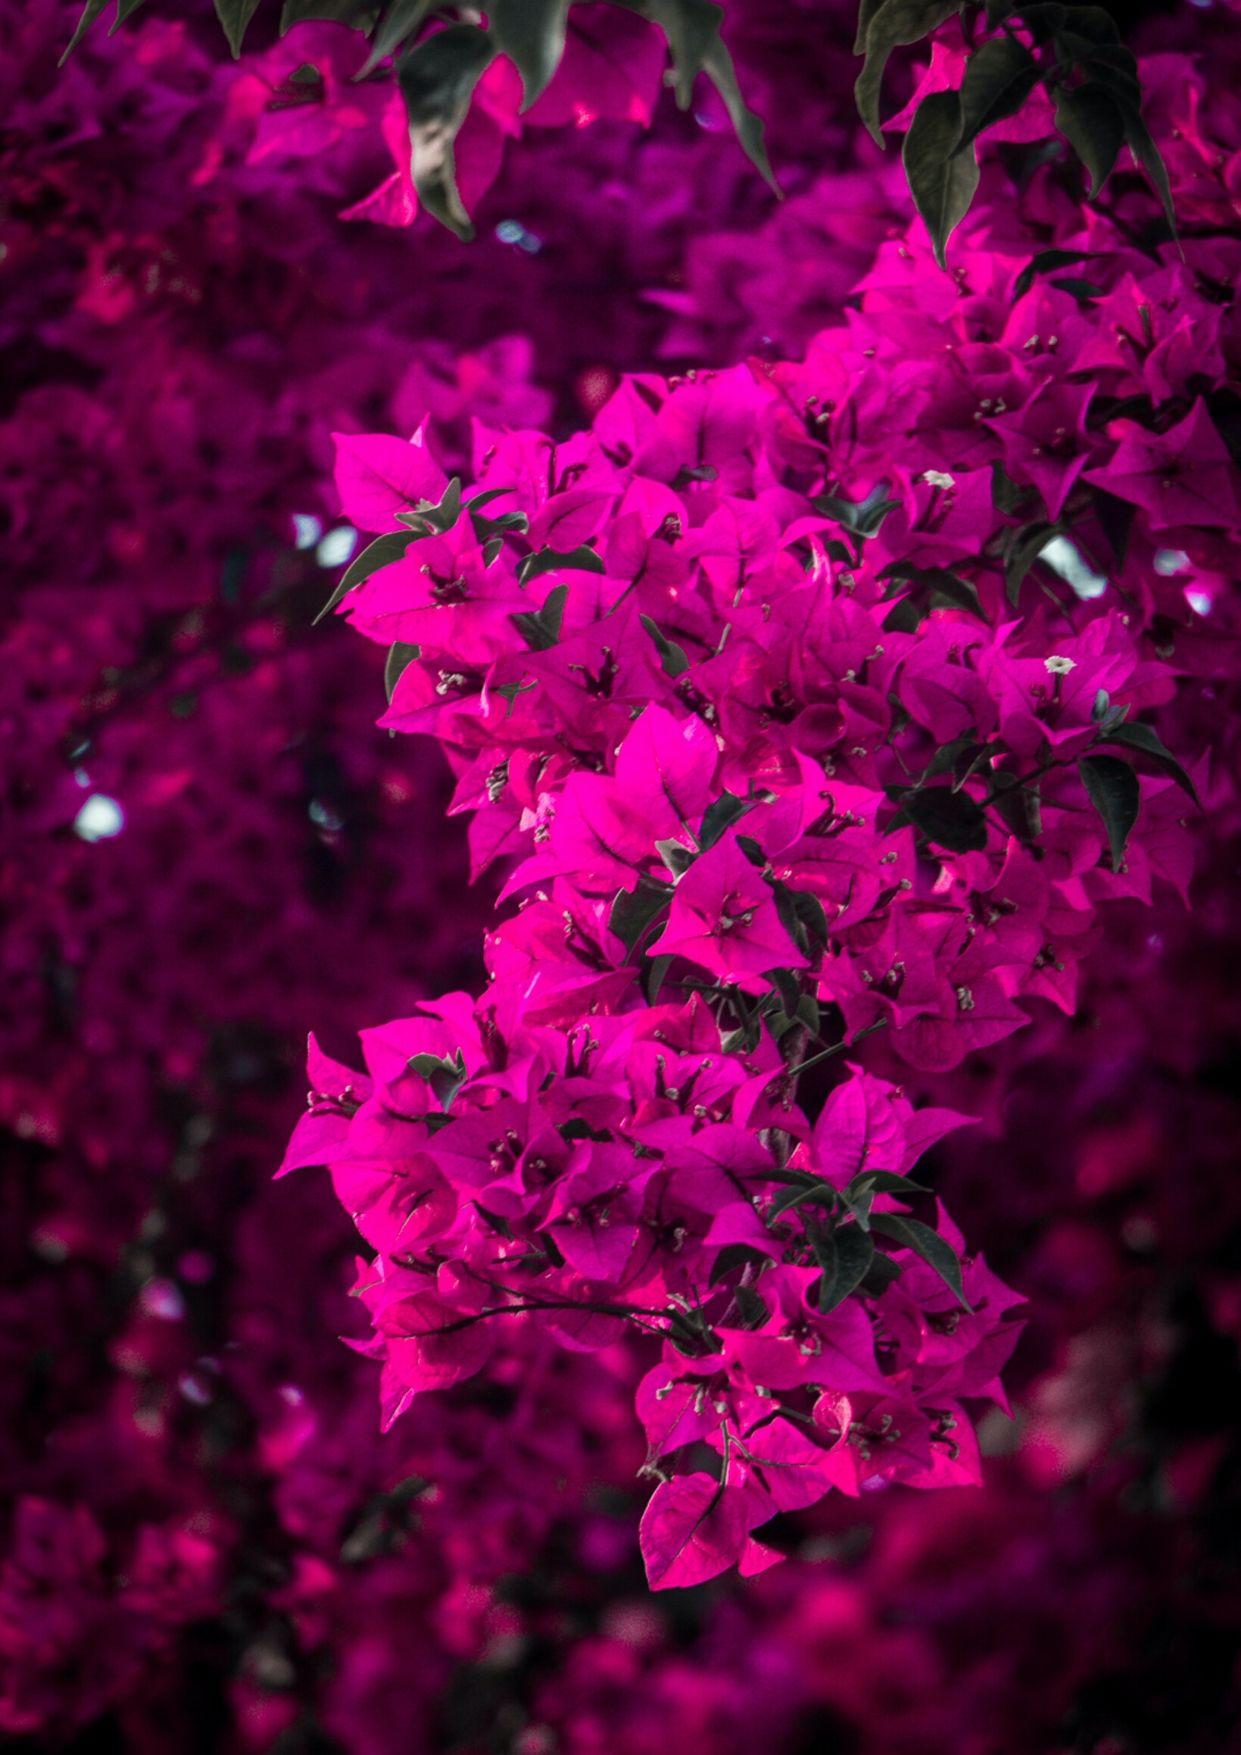 بنات كيوت خلفيات باللون الوردي للايفون